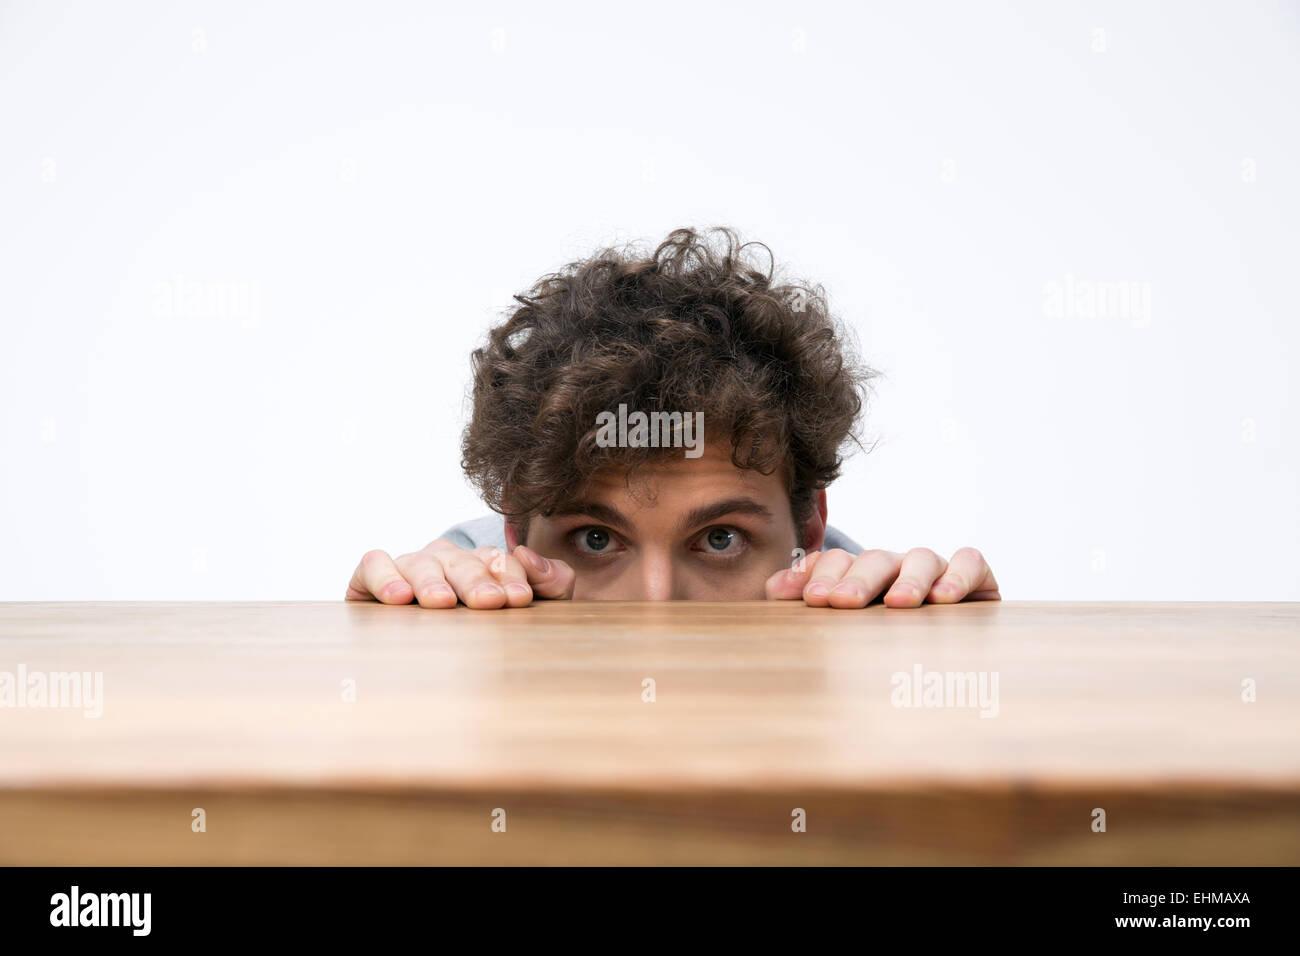 Junger Mann mit lockigem Haar spähen hinter dem Schreibtisch Stockbild